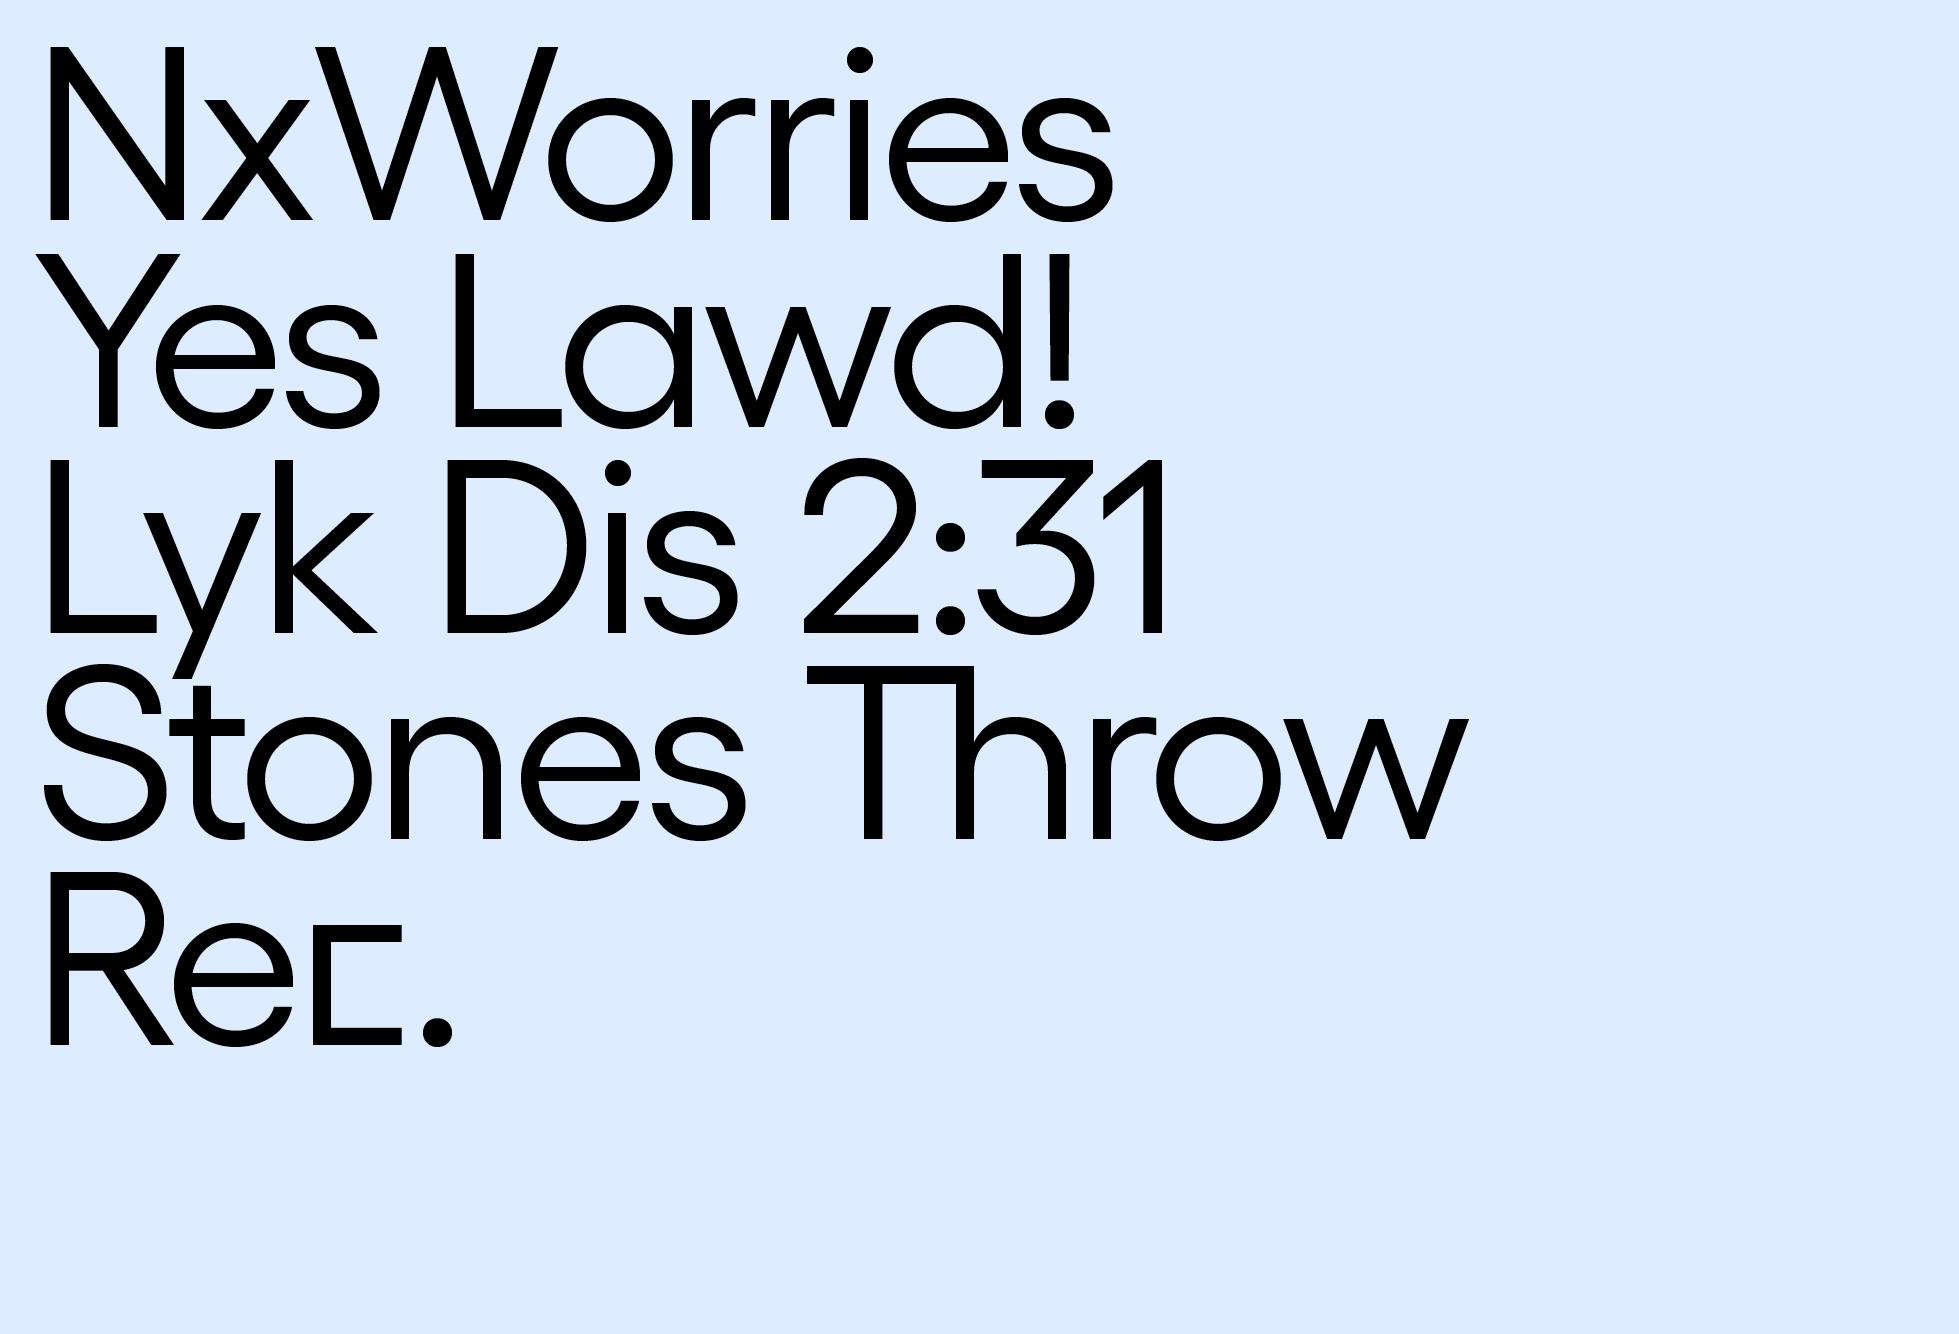 nxworries yes lawd free zip